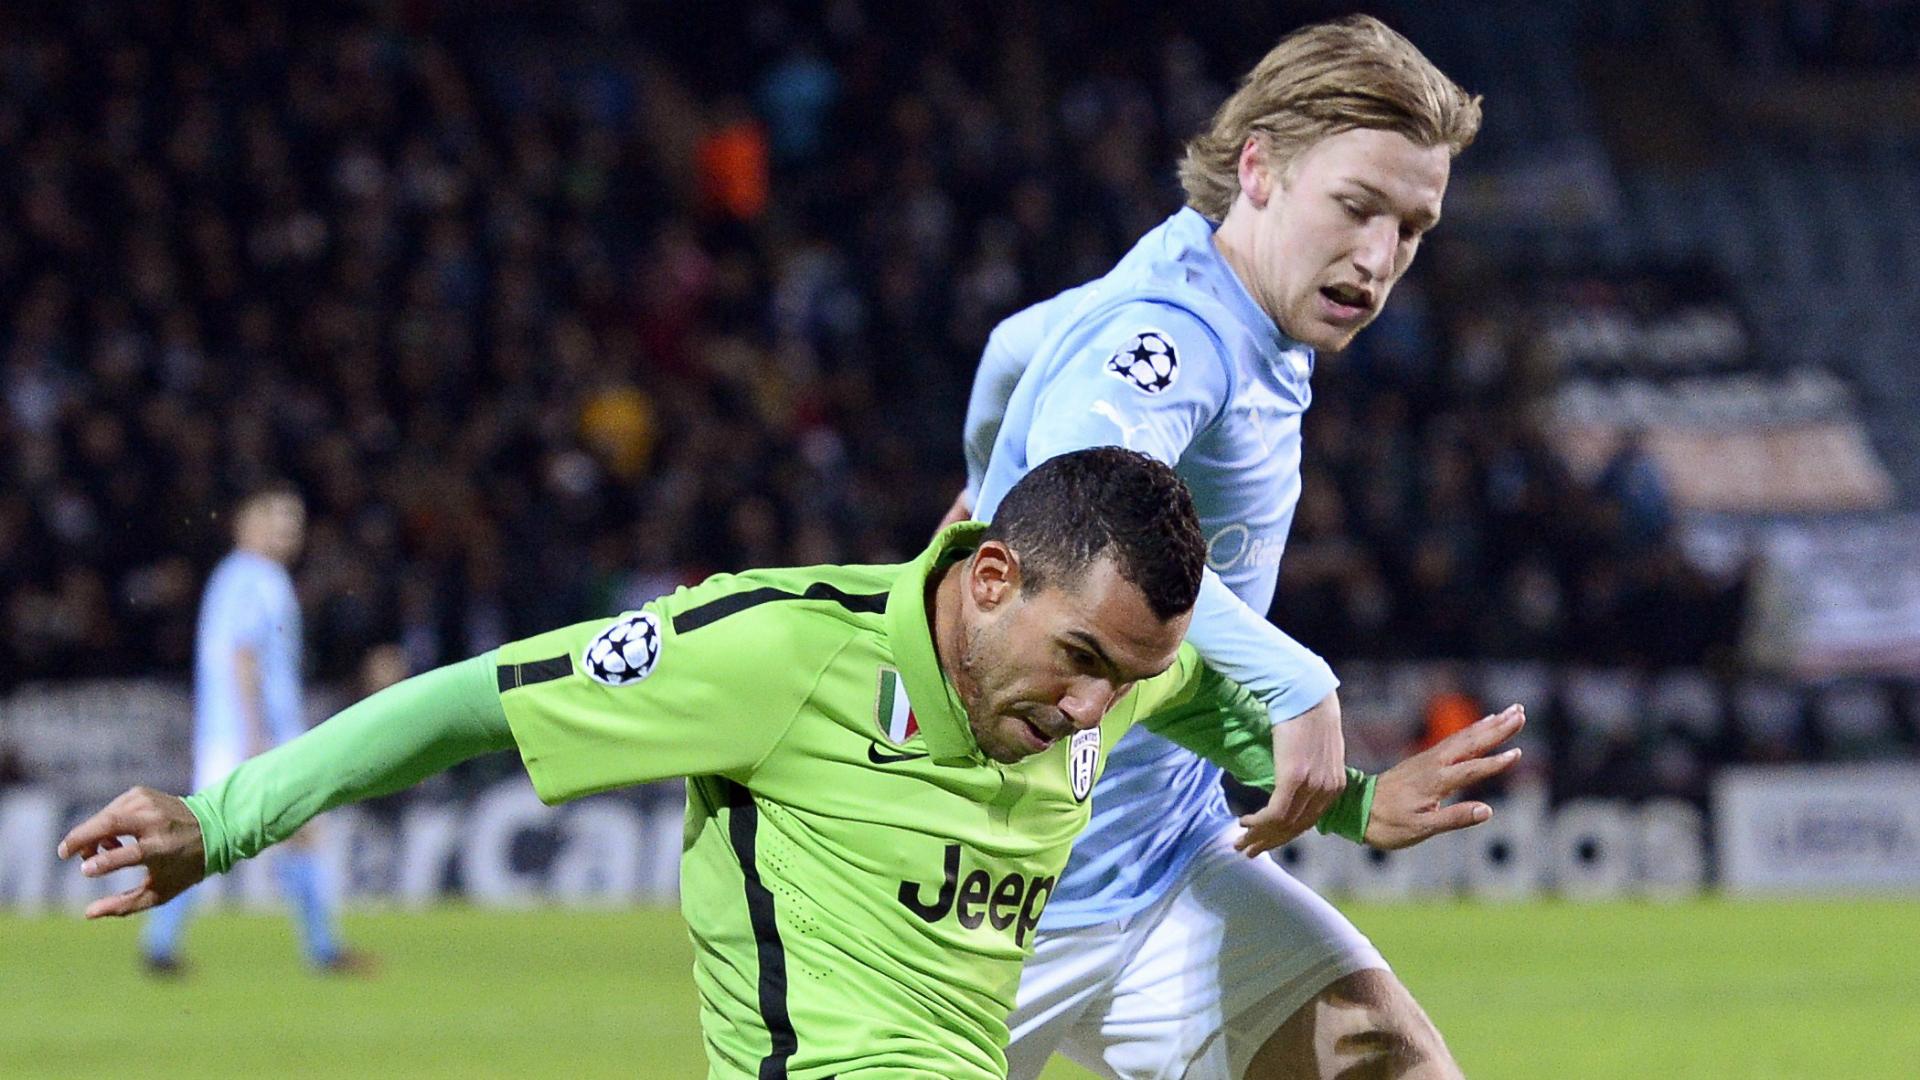 Emil Forsberg Carlos Tevez Malmoe Juventus